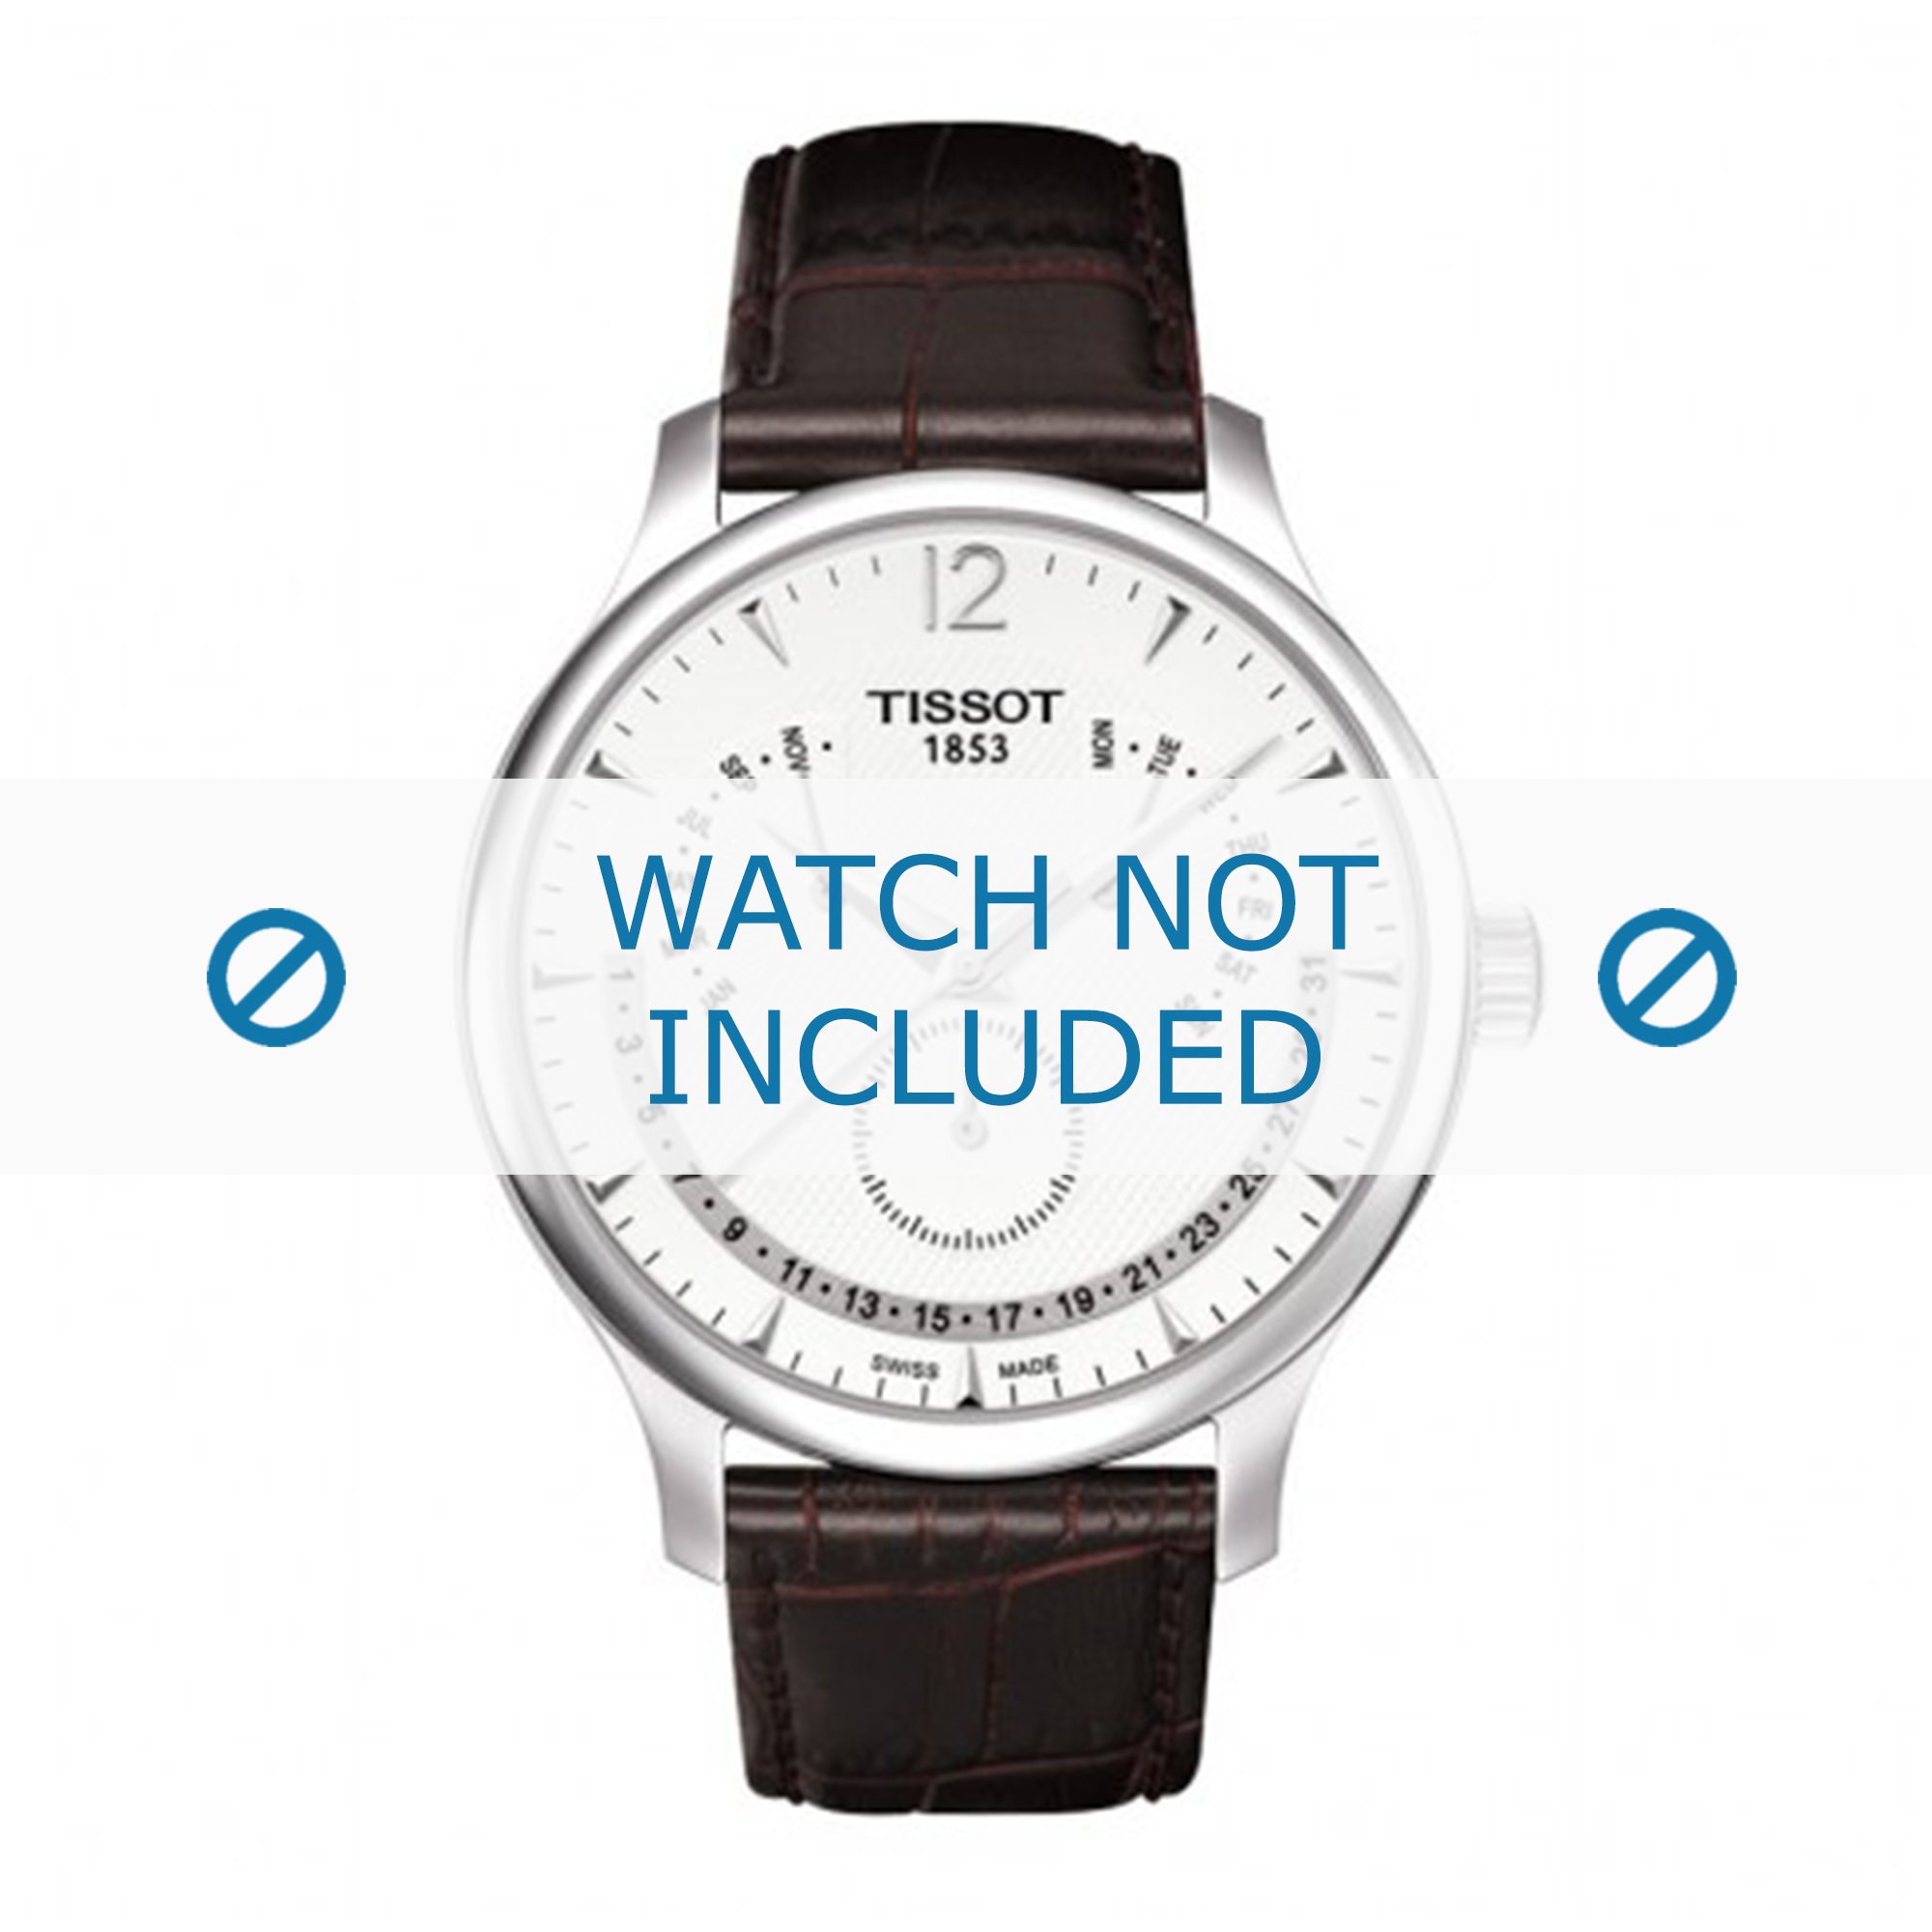 Tissot horlogeband T063.637.16.037.00 Leder Donkerbruin 20mm + bruin stiksel